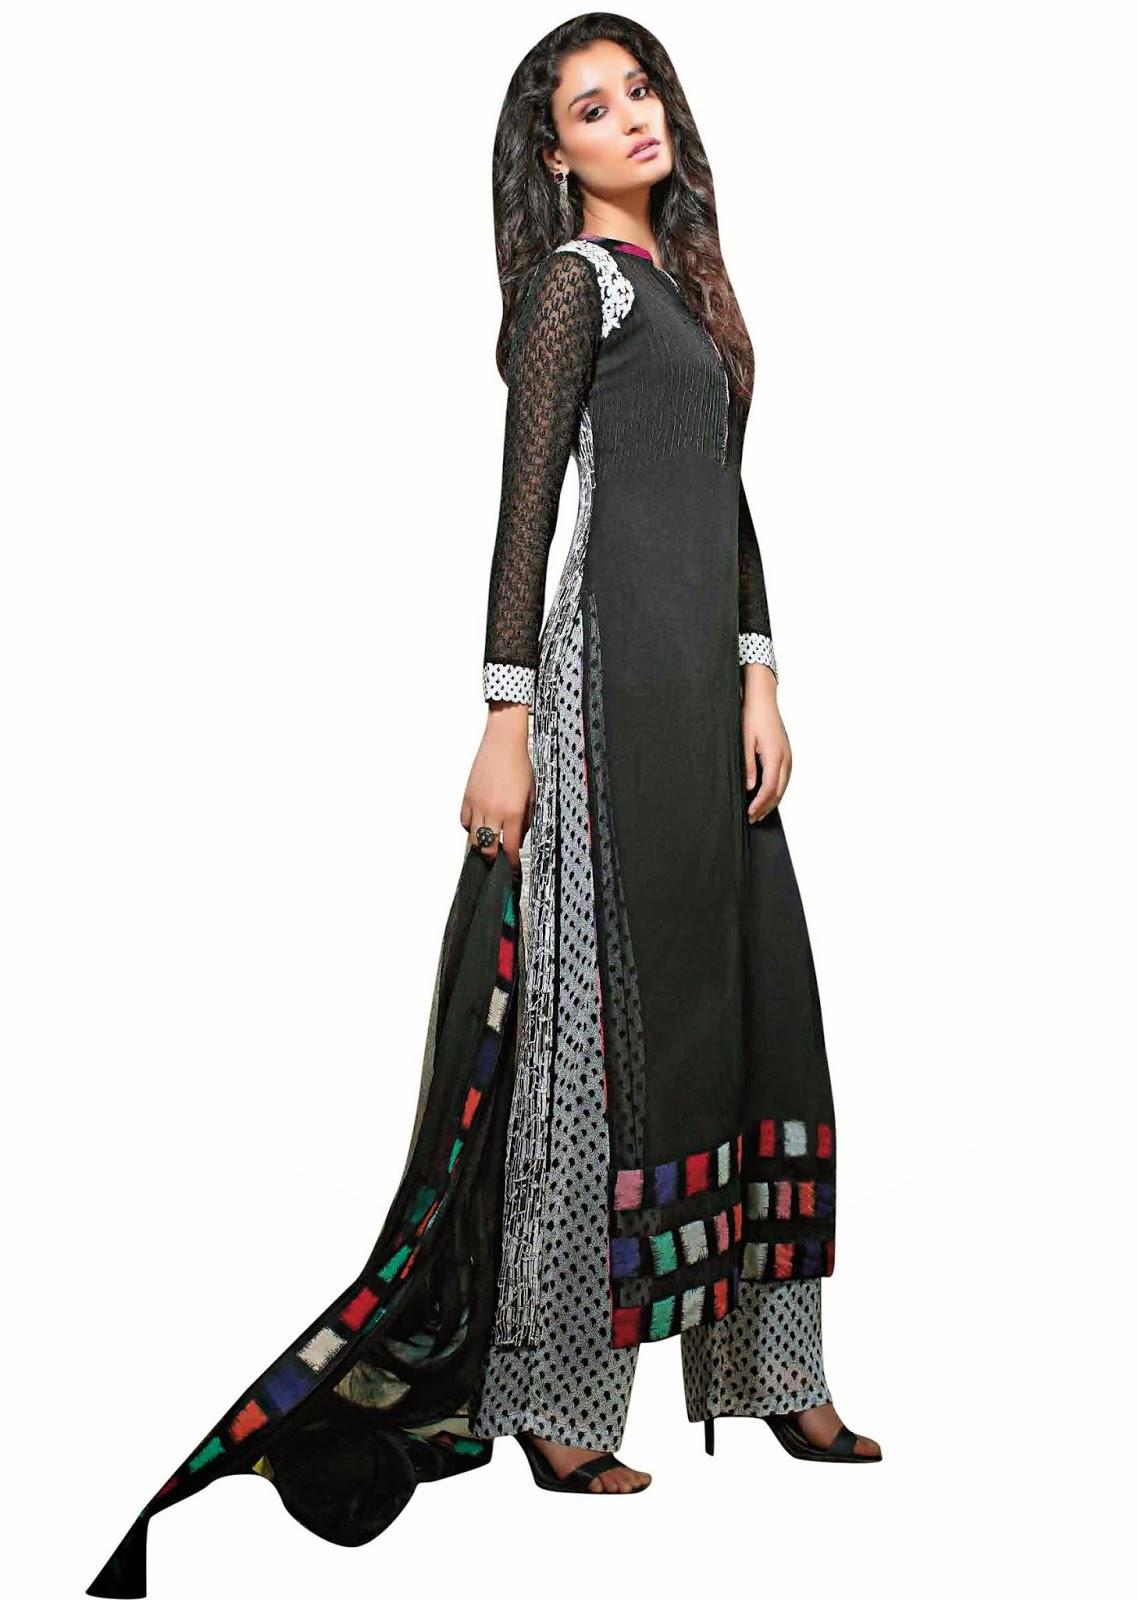 Wills Lifestyle India Fashion Week 2012 Manish Malhotra